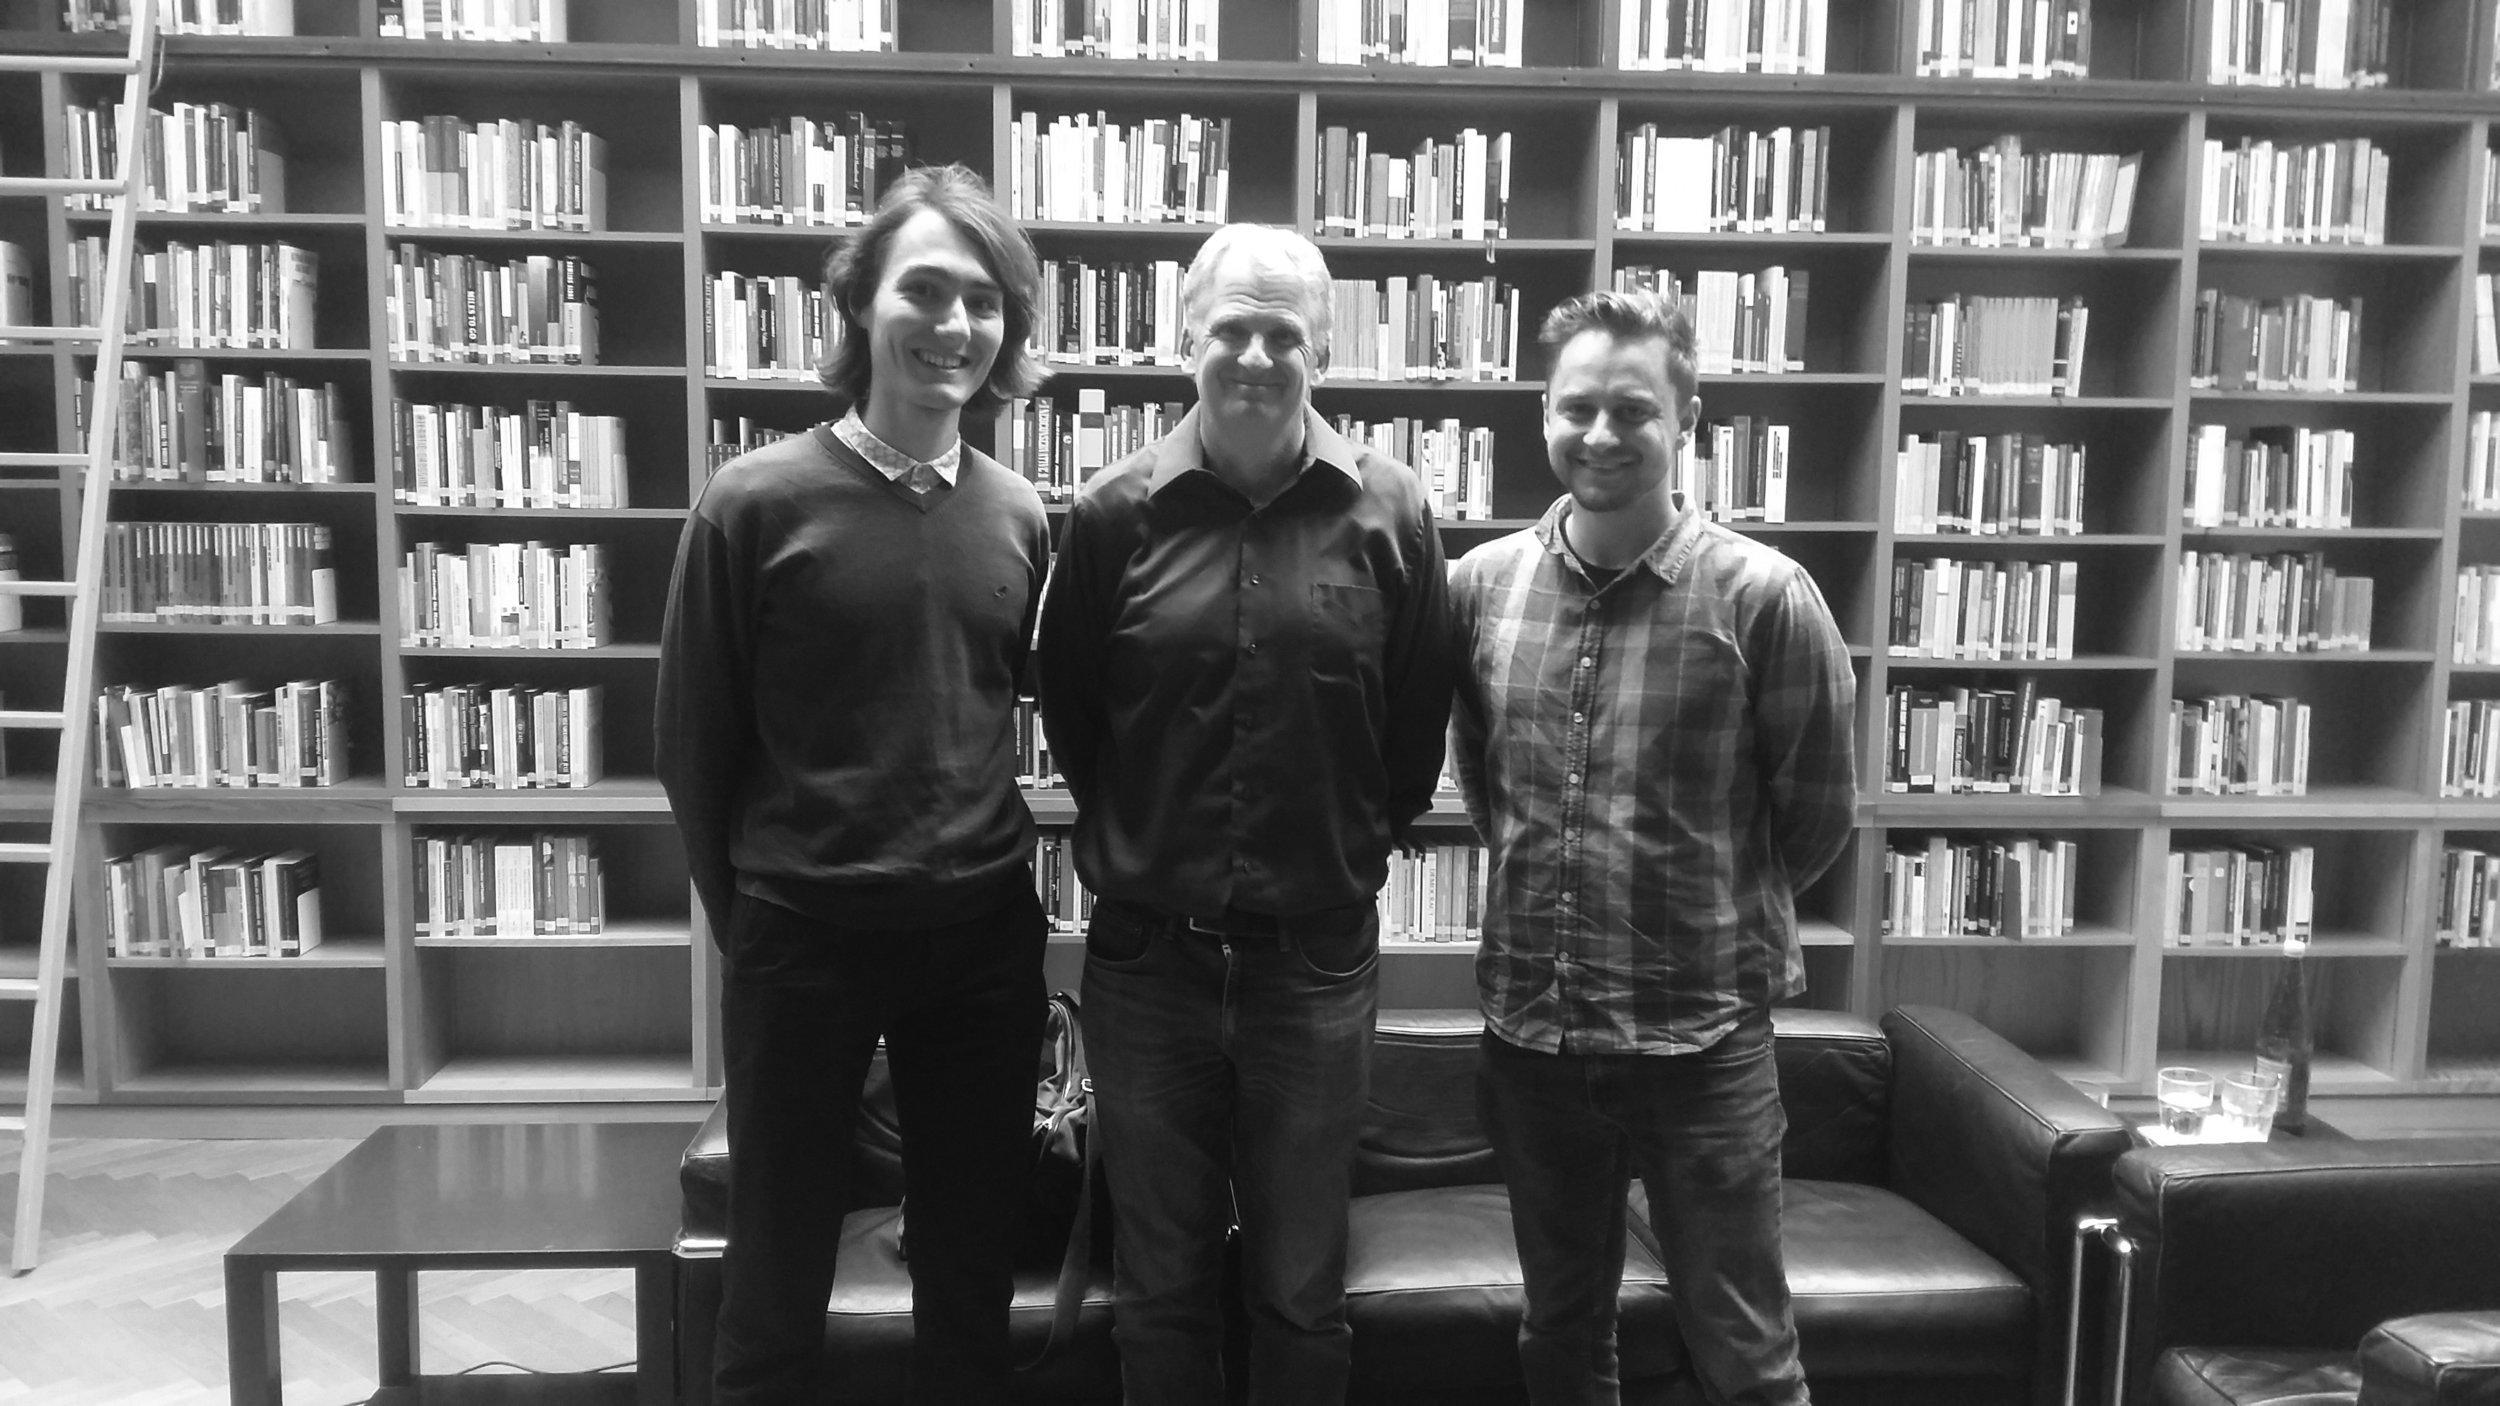 After the interview. From the left: Michal Micovčin (interviewer), professor Snyder, Peter Stearančák (interviewer). Photograph: Martin Micovčin (c).